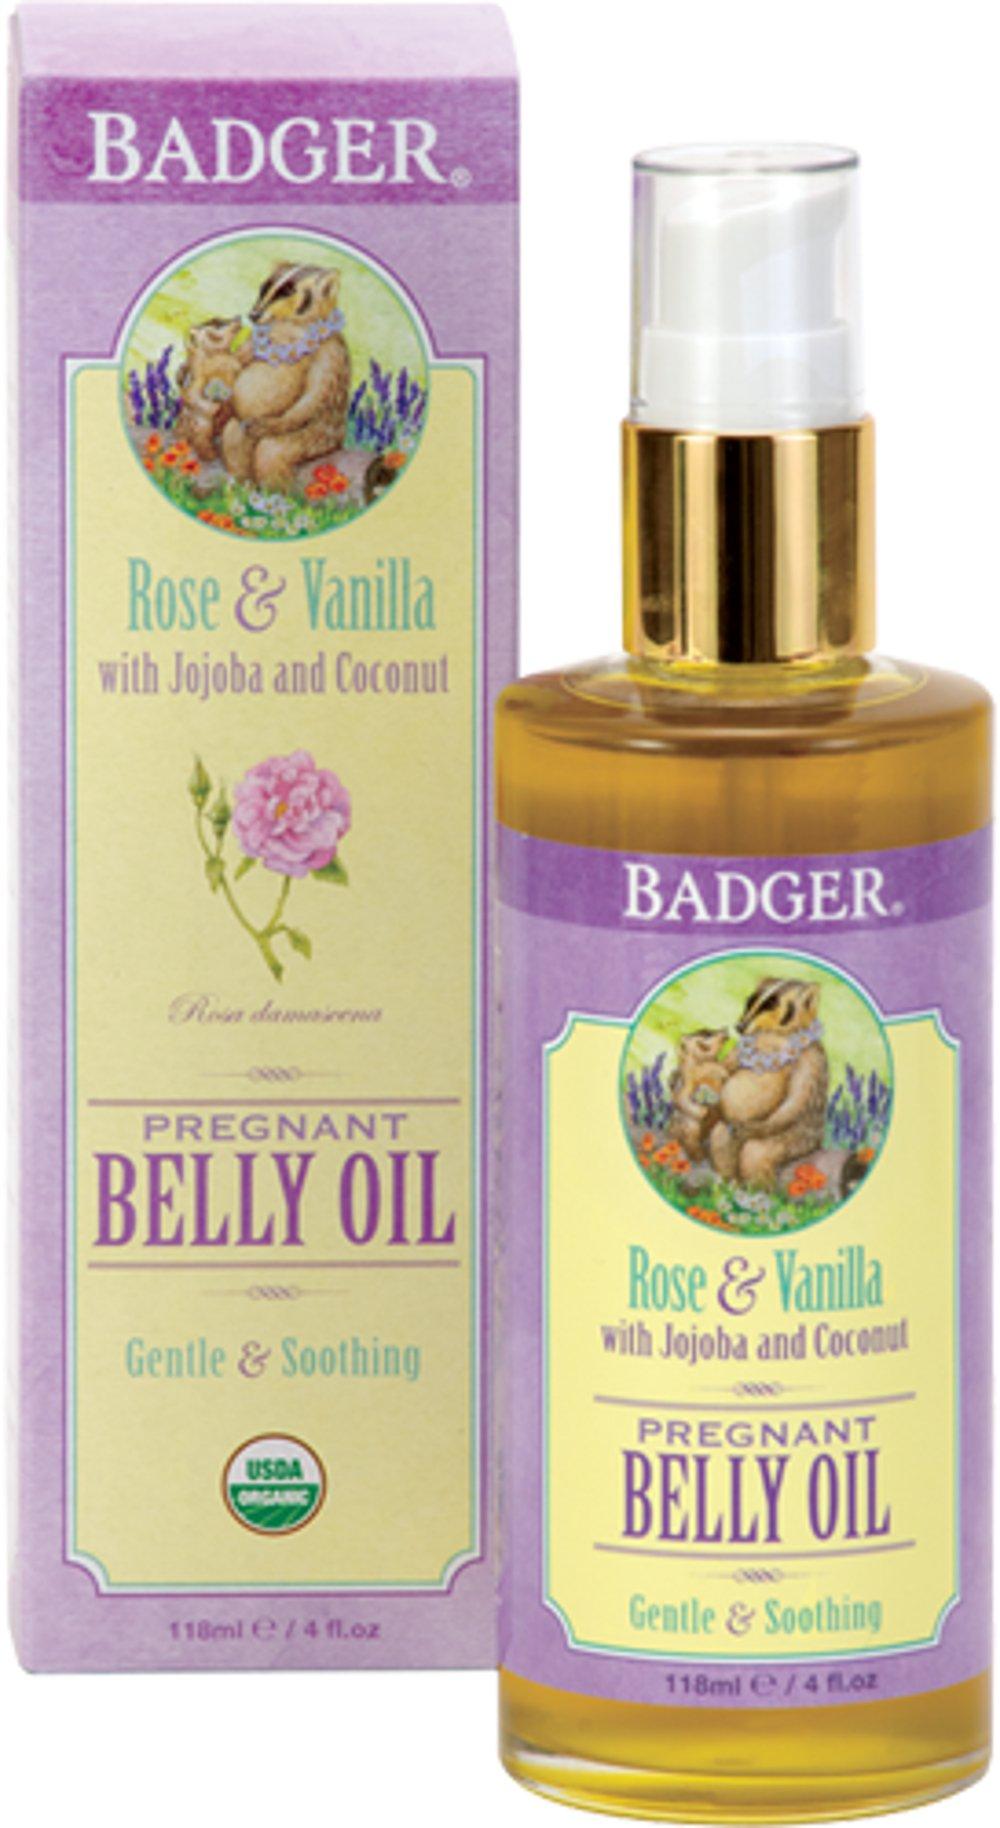 Badger Pregnant Belly Oil, Rose & Vanilla - 4 oz by Badger